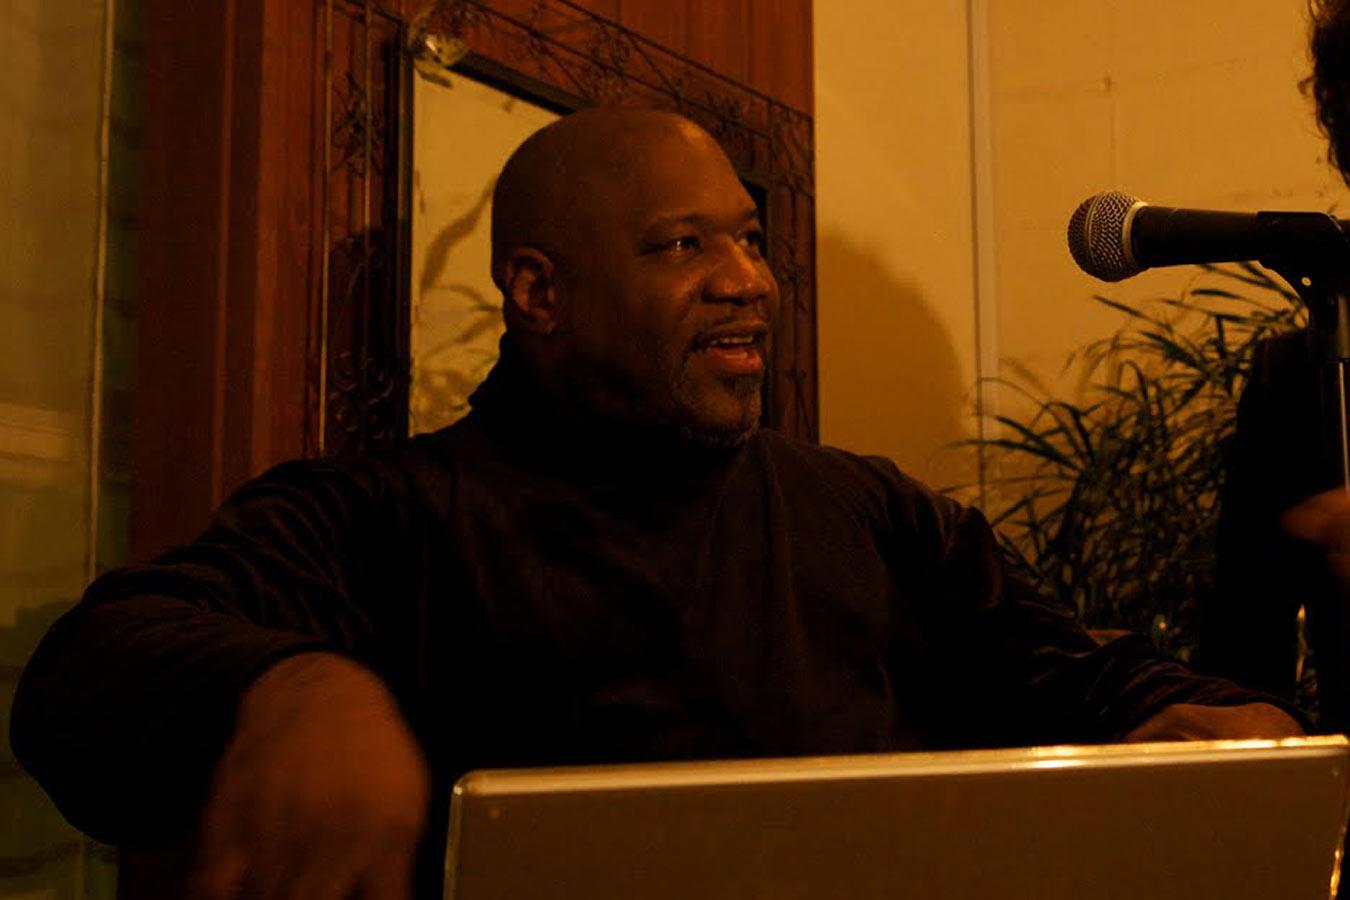 Ike Nelson